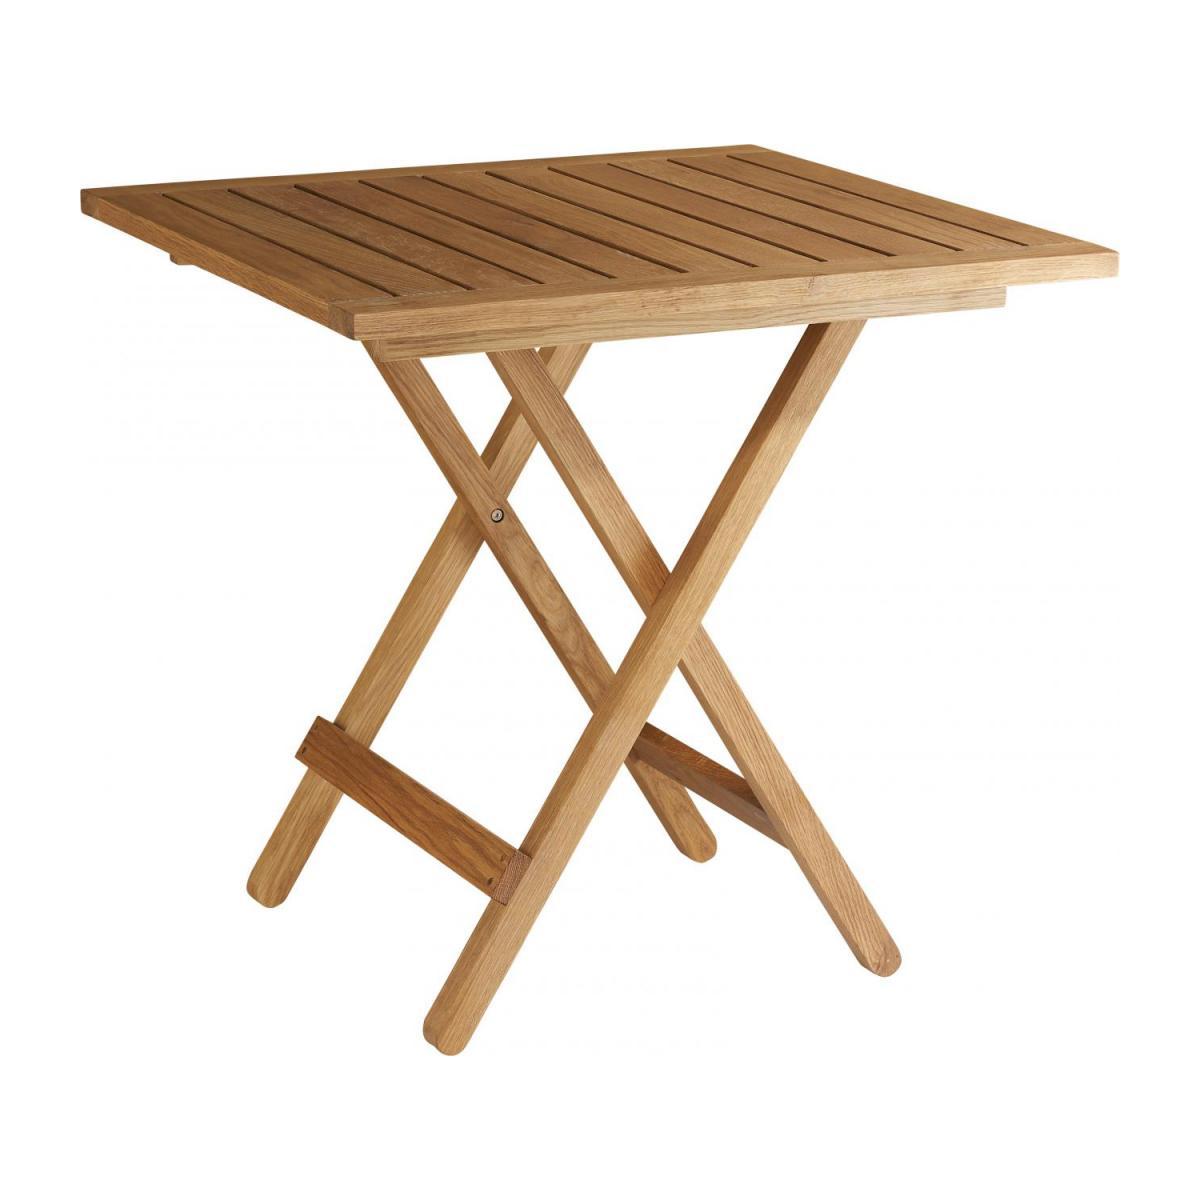 Table Pliante De Jardin En Chêne Massif Huilé - 76 X 76 Cm avec Table De Jardin En Bois Pliante